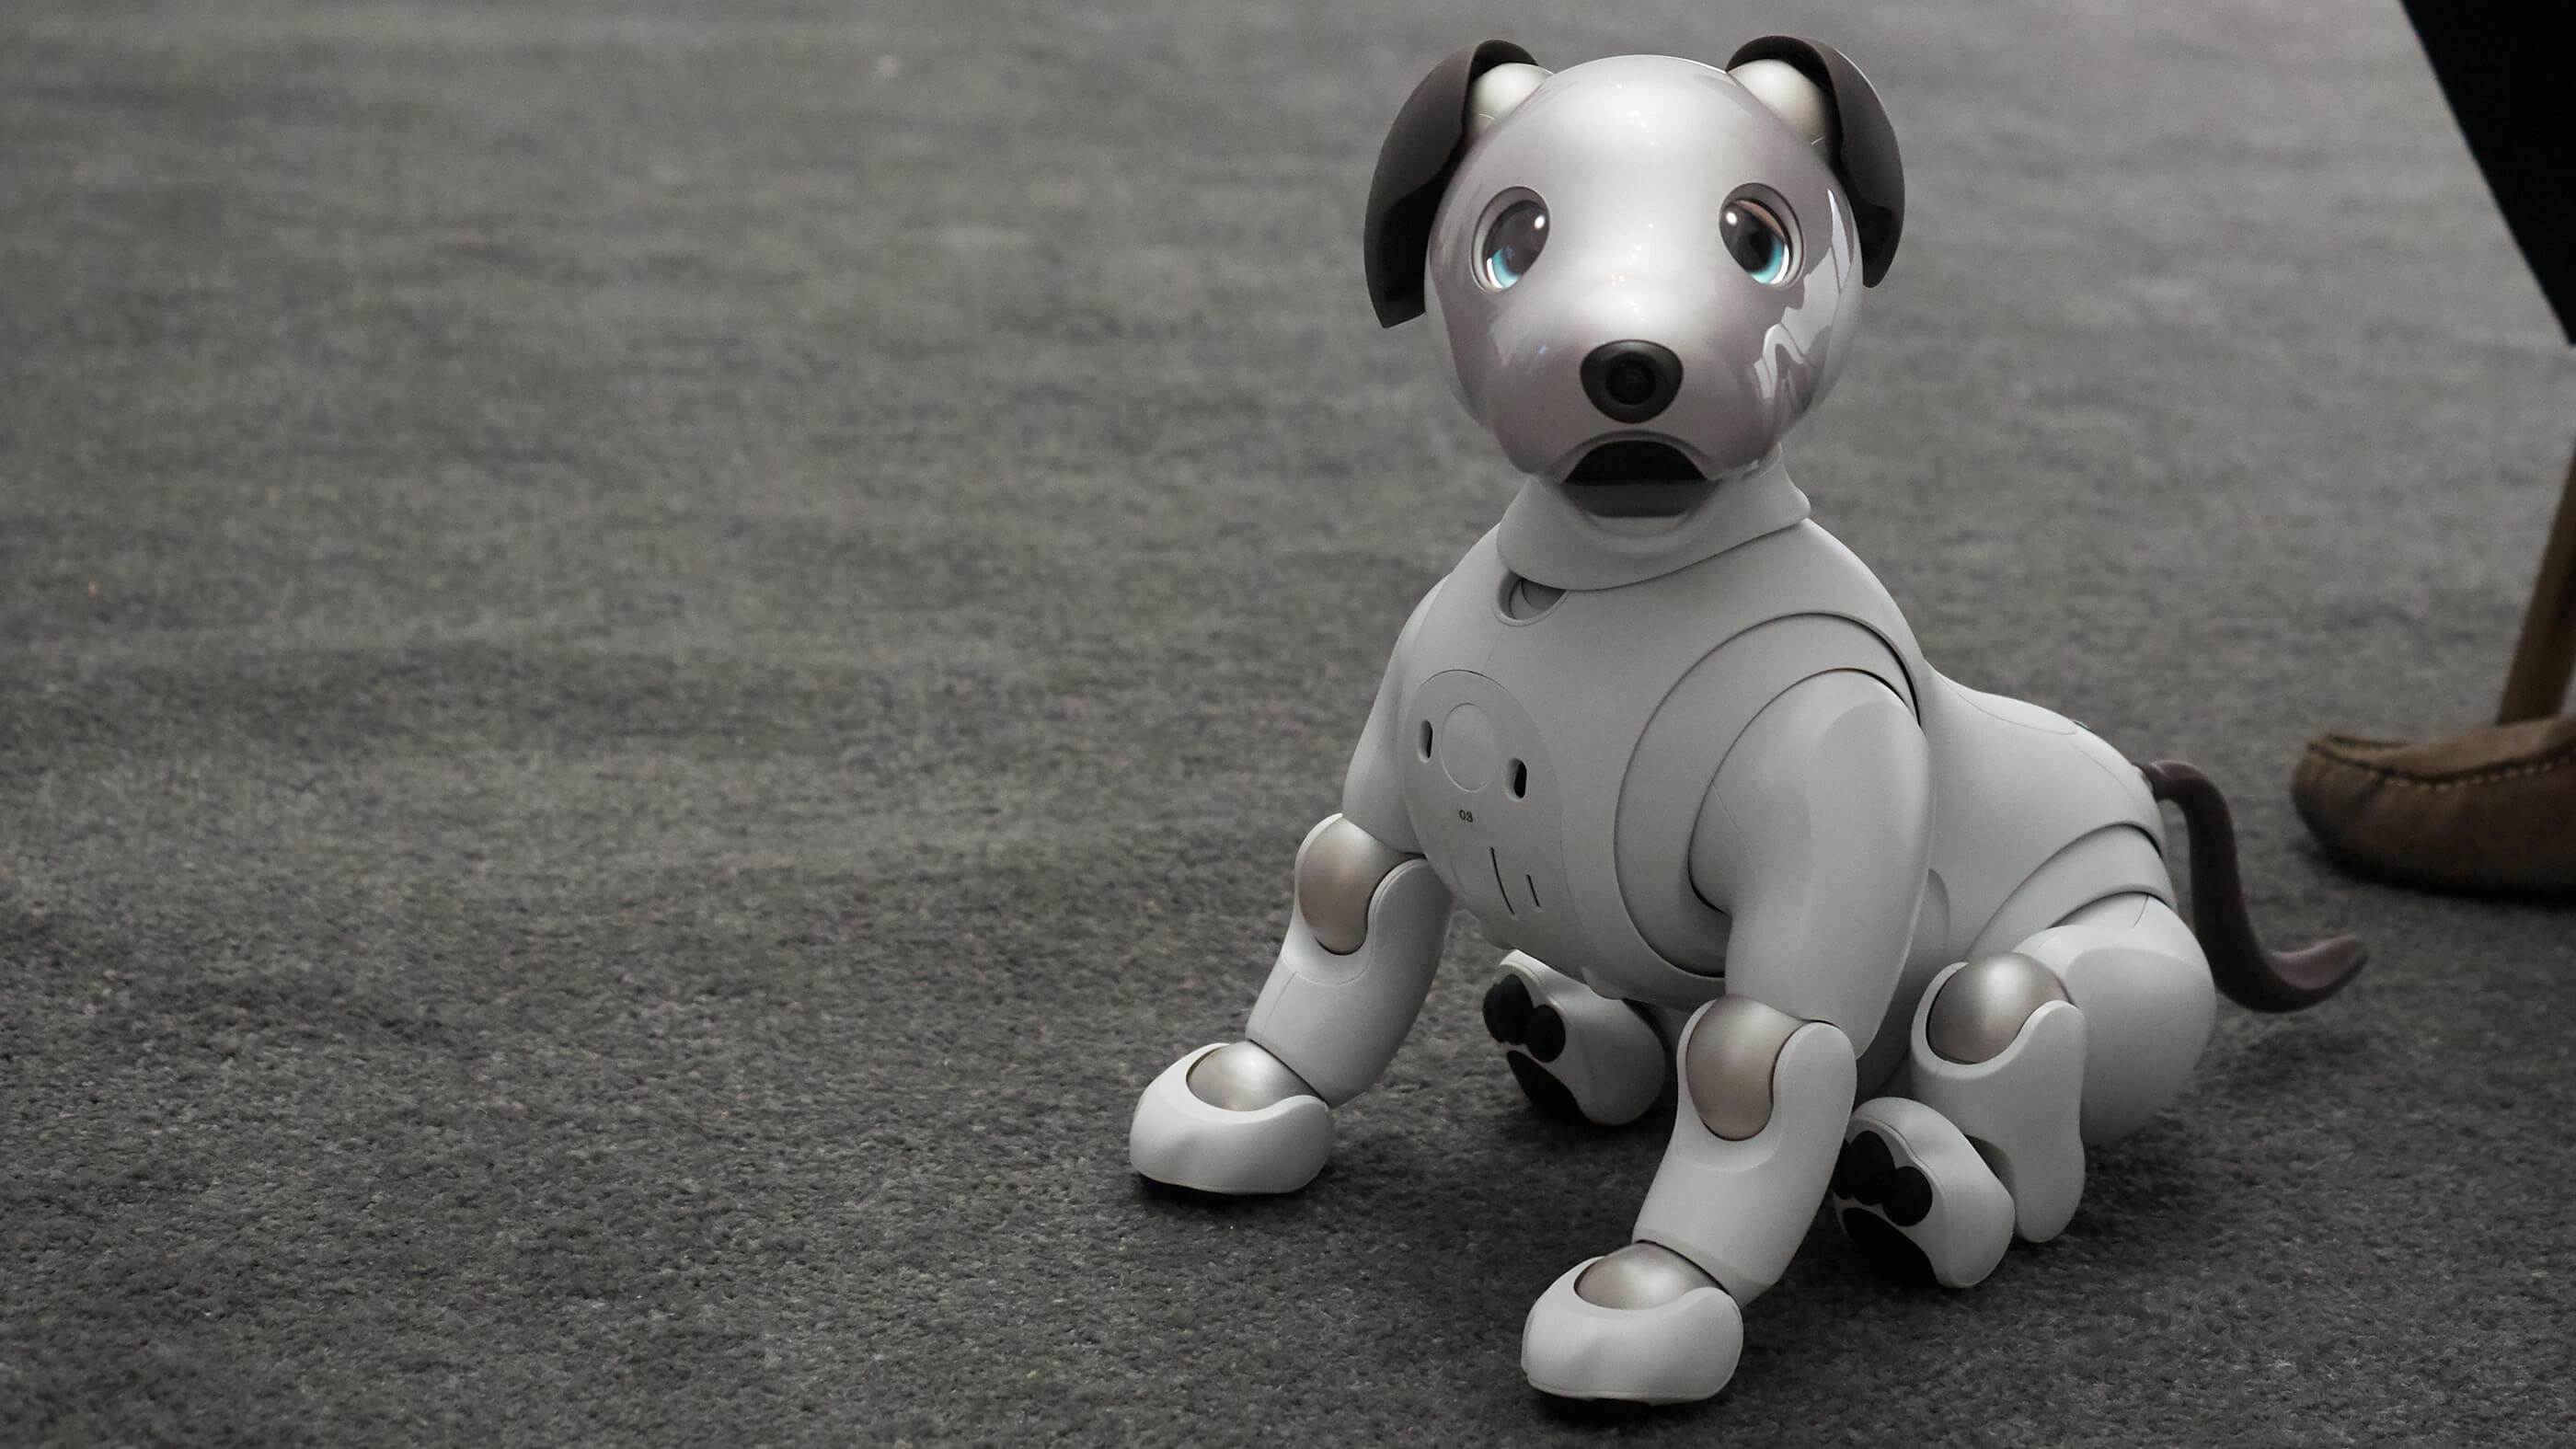 Десять новейших достижений робототехники. От паркура до хирургии.